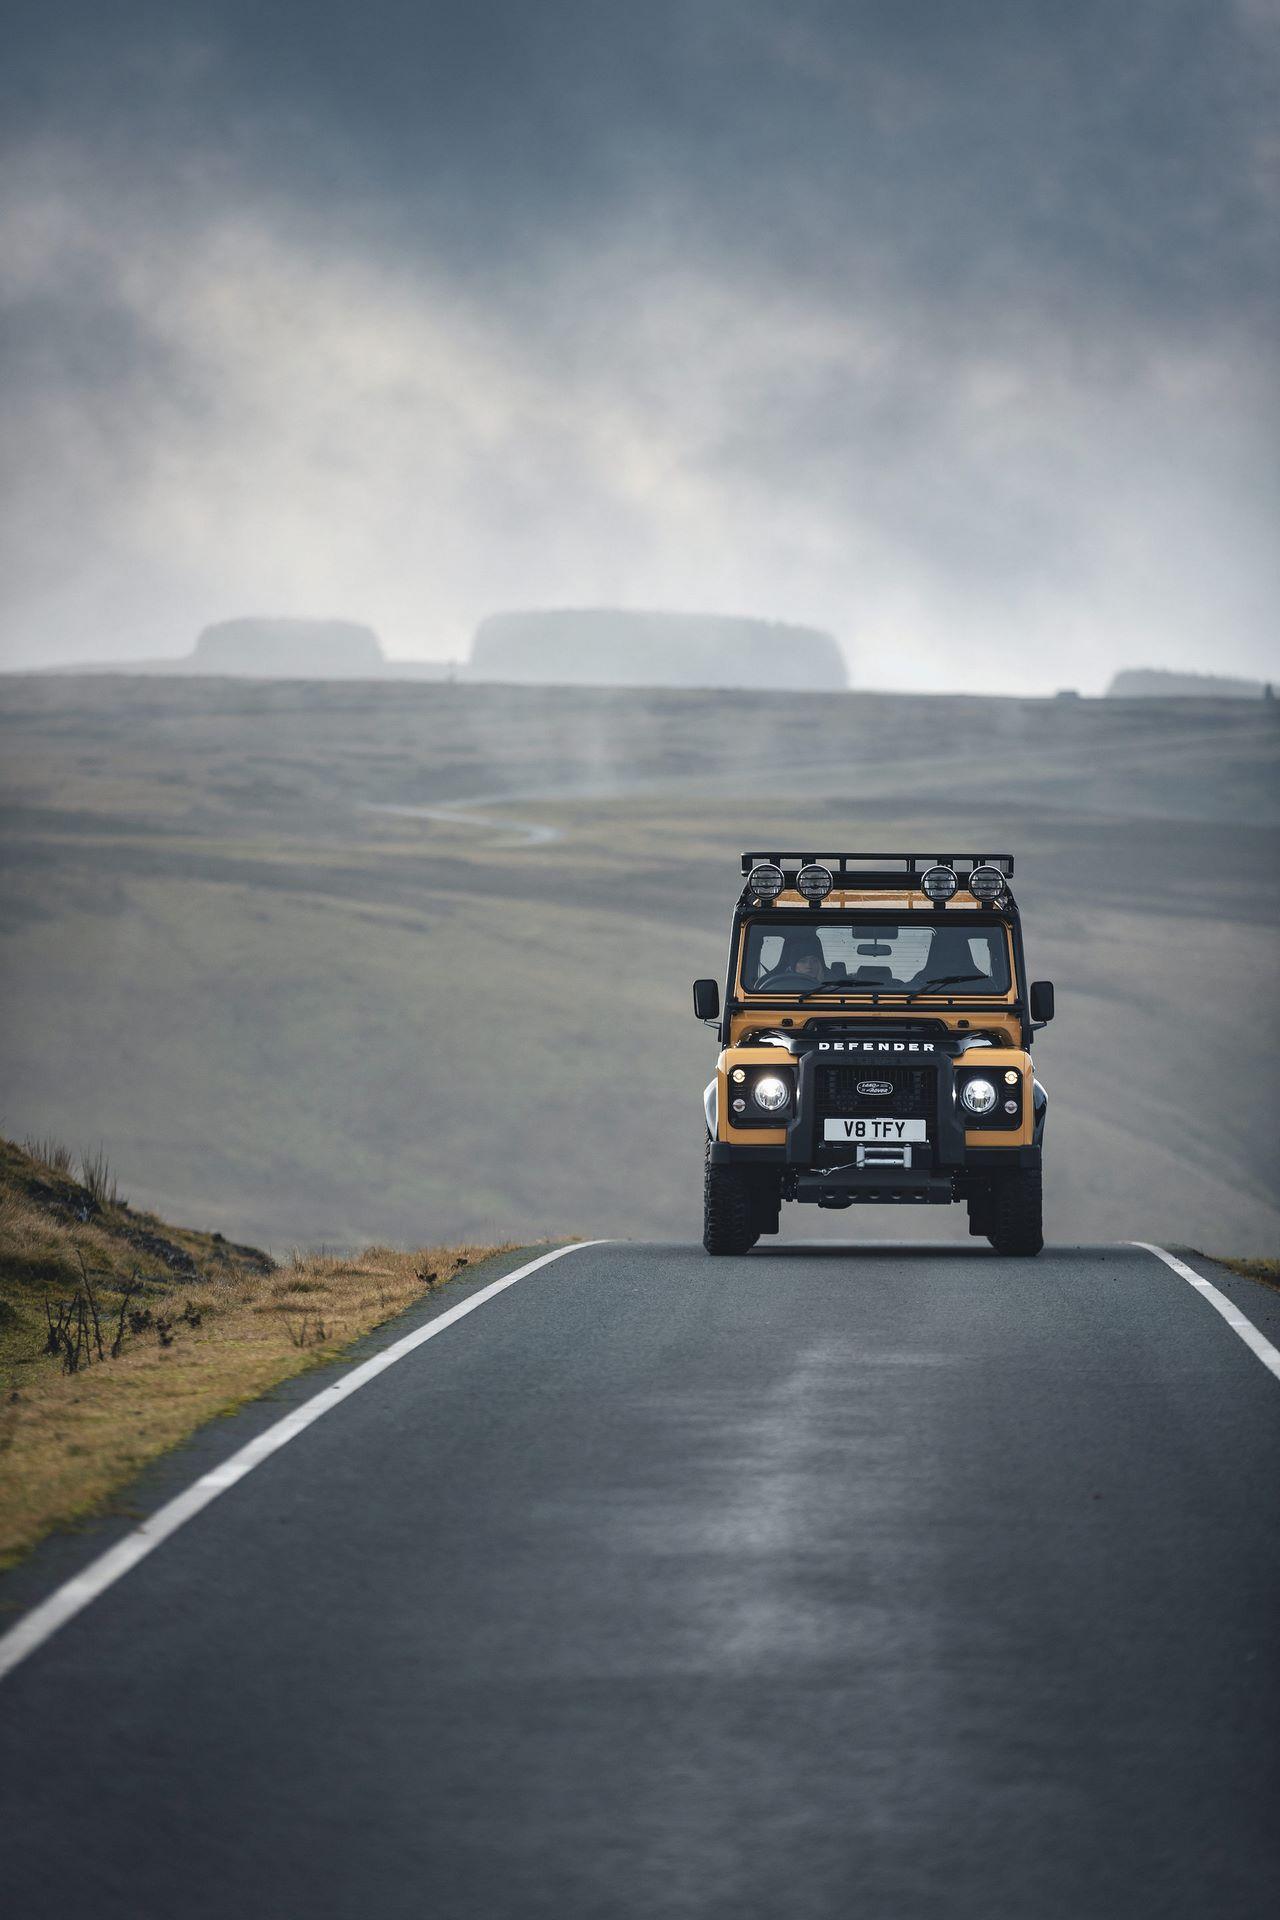 Land-Rover-Defender-Works-V8-Trophy-4